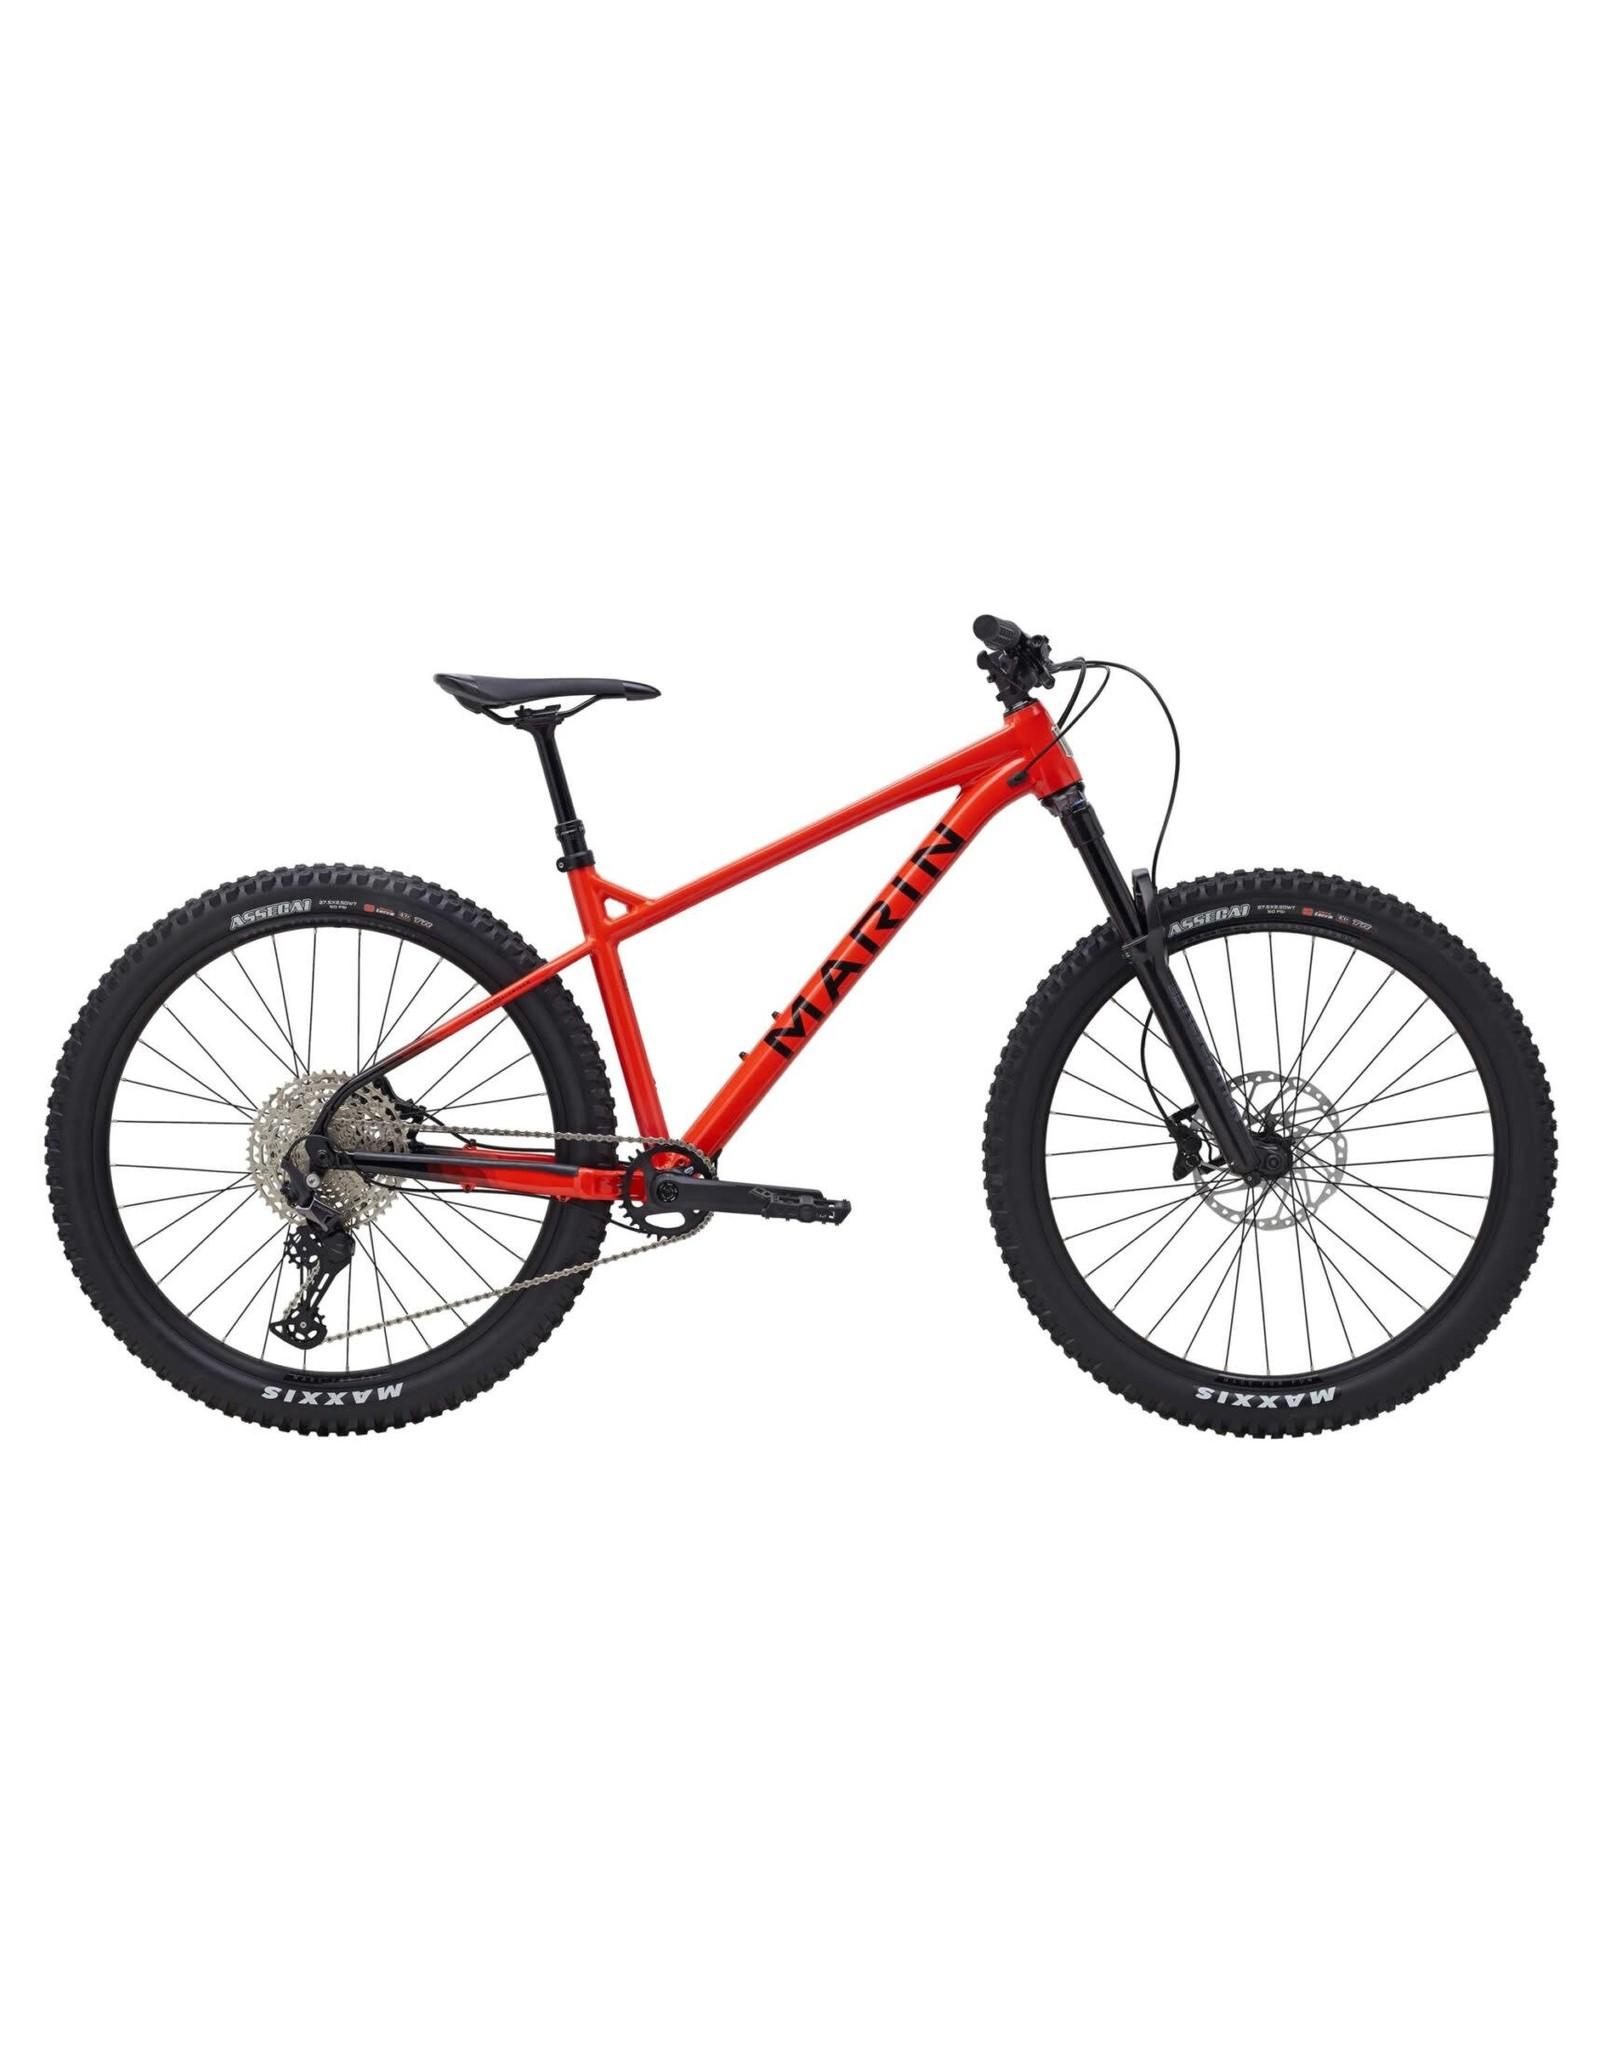 Marin Bikes 2022 Marin San Quentin 3